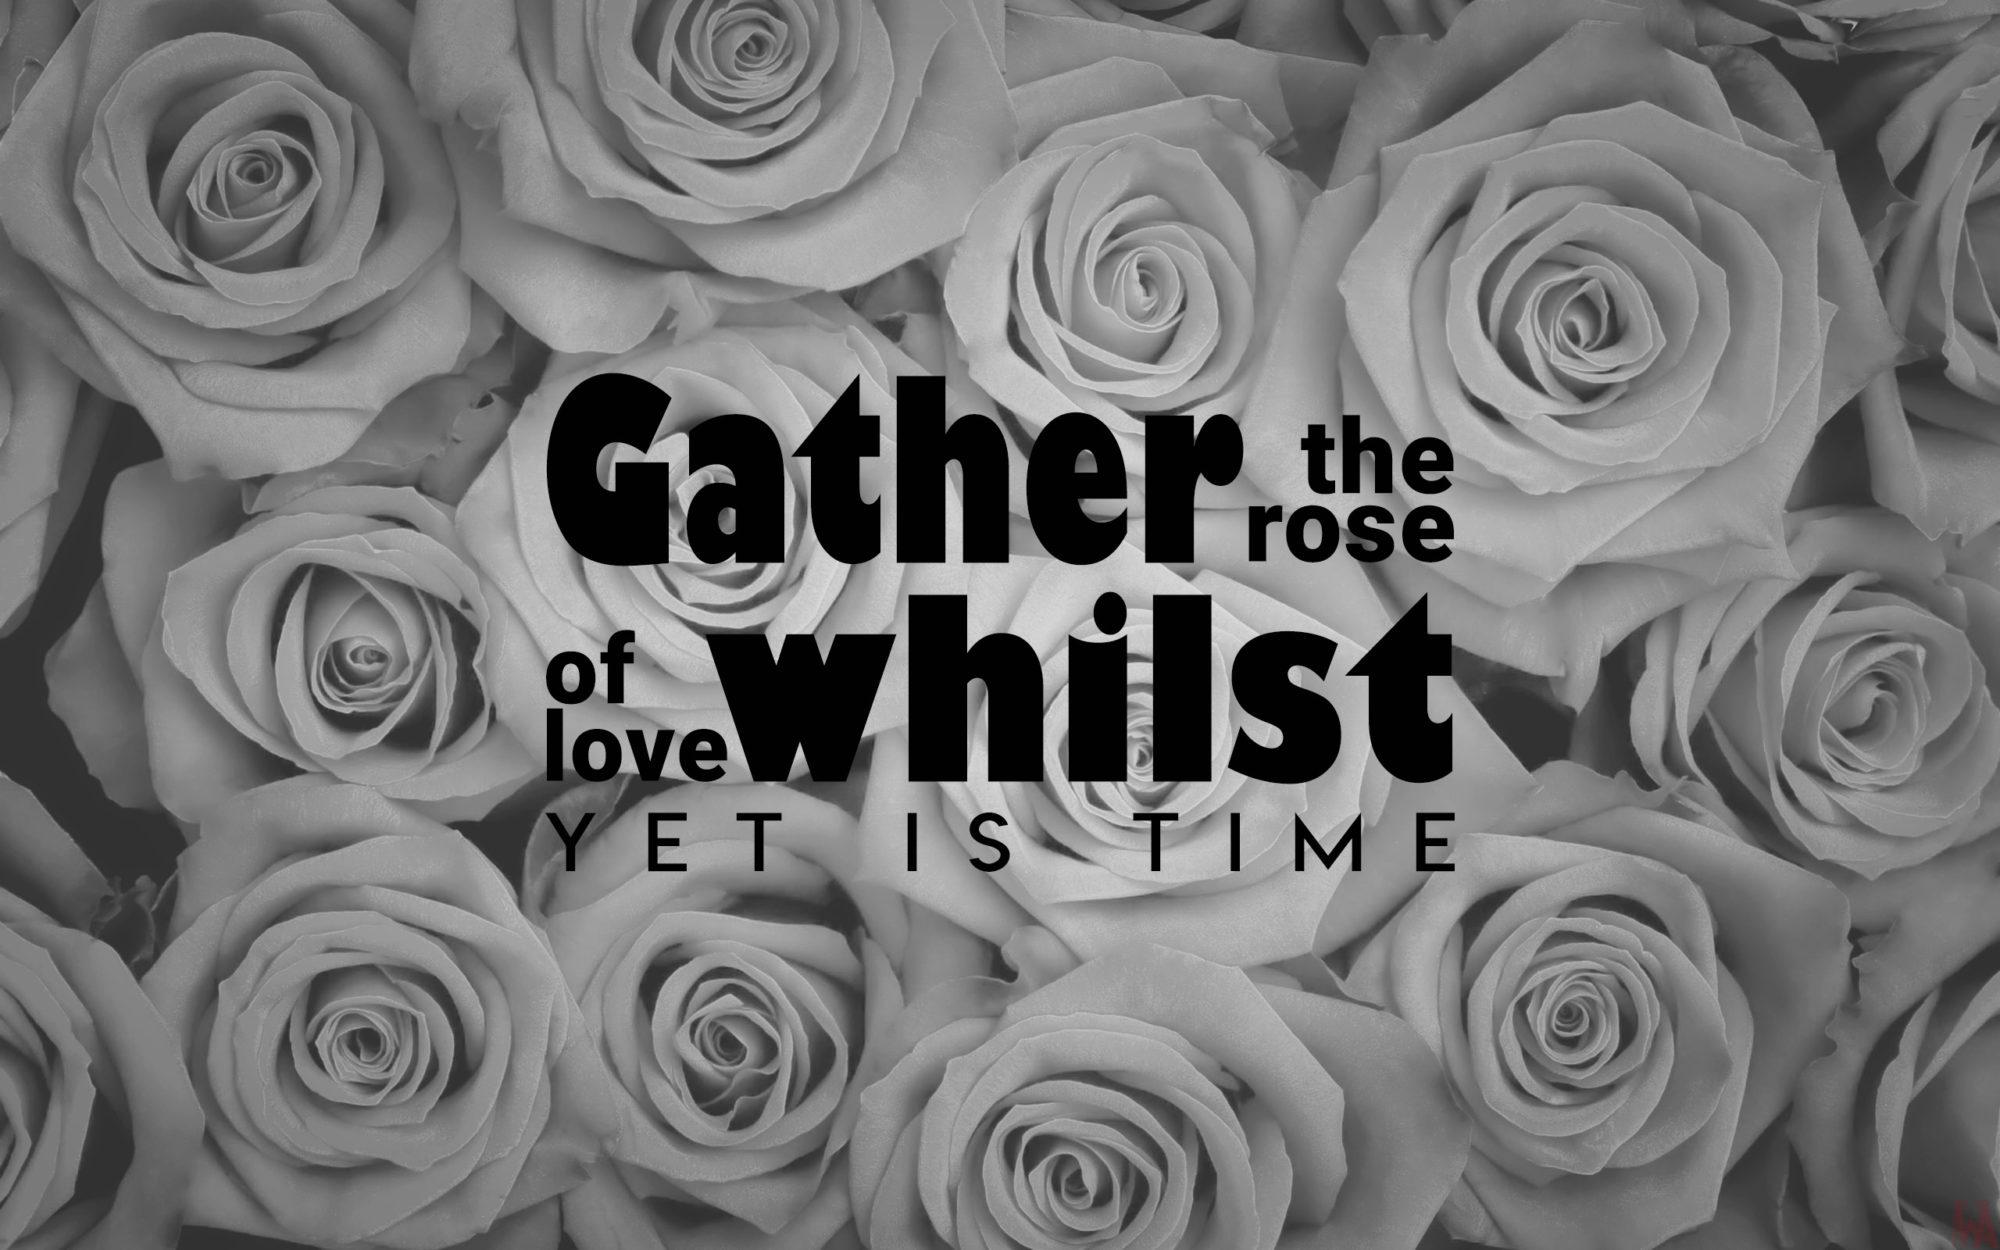 wallpaper hd flowers love download